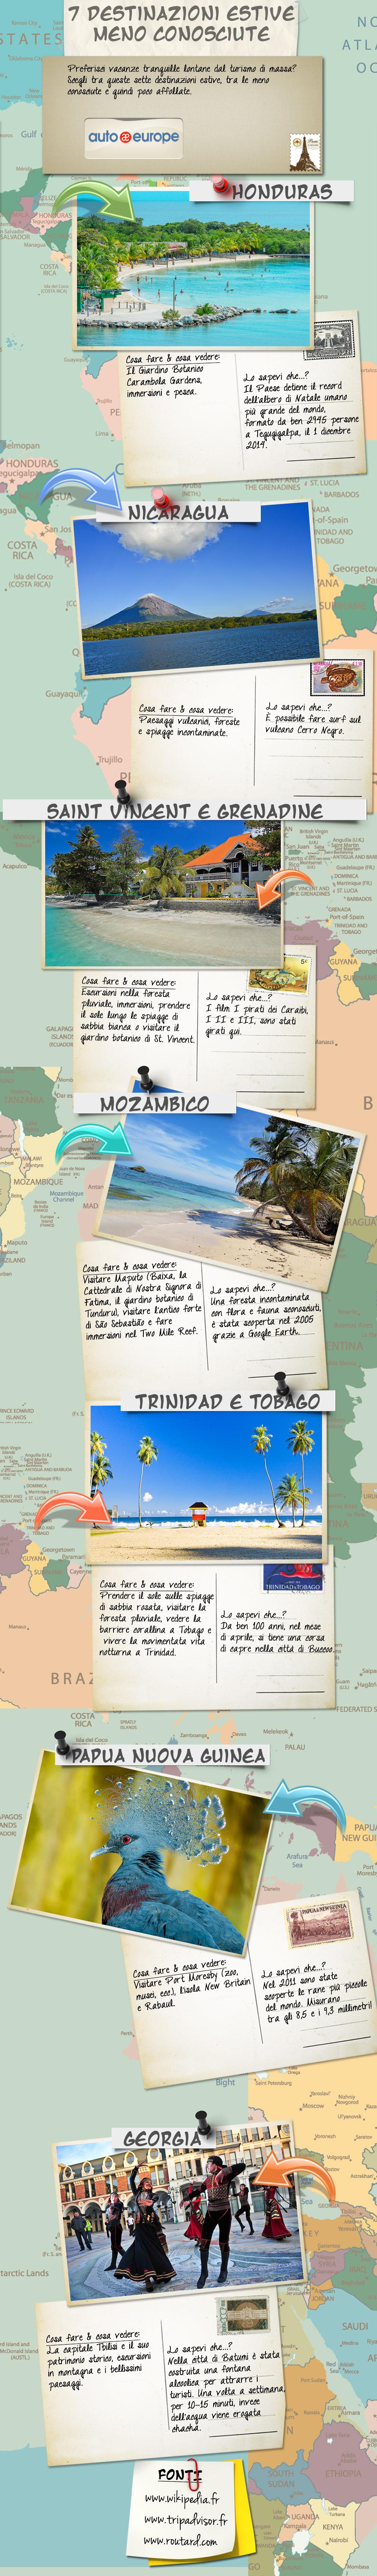 Infografica - Destinazioni estive meno conosciute